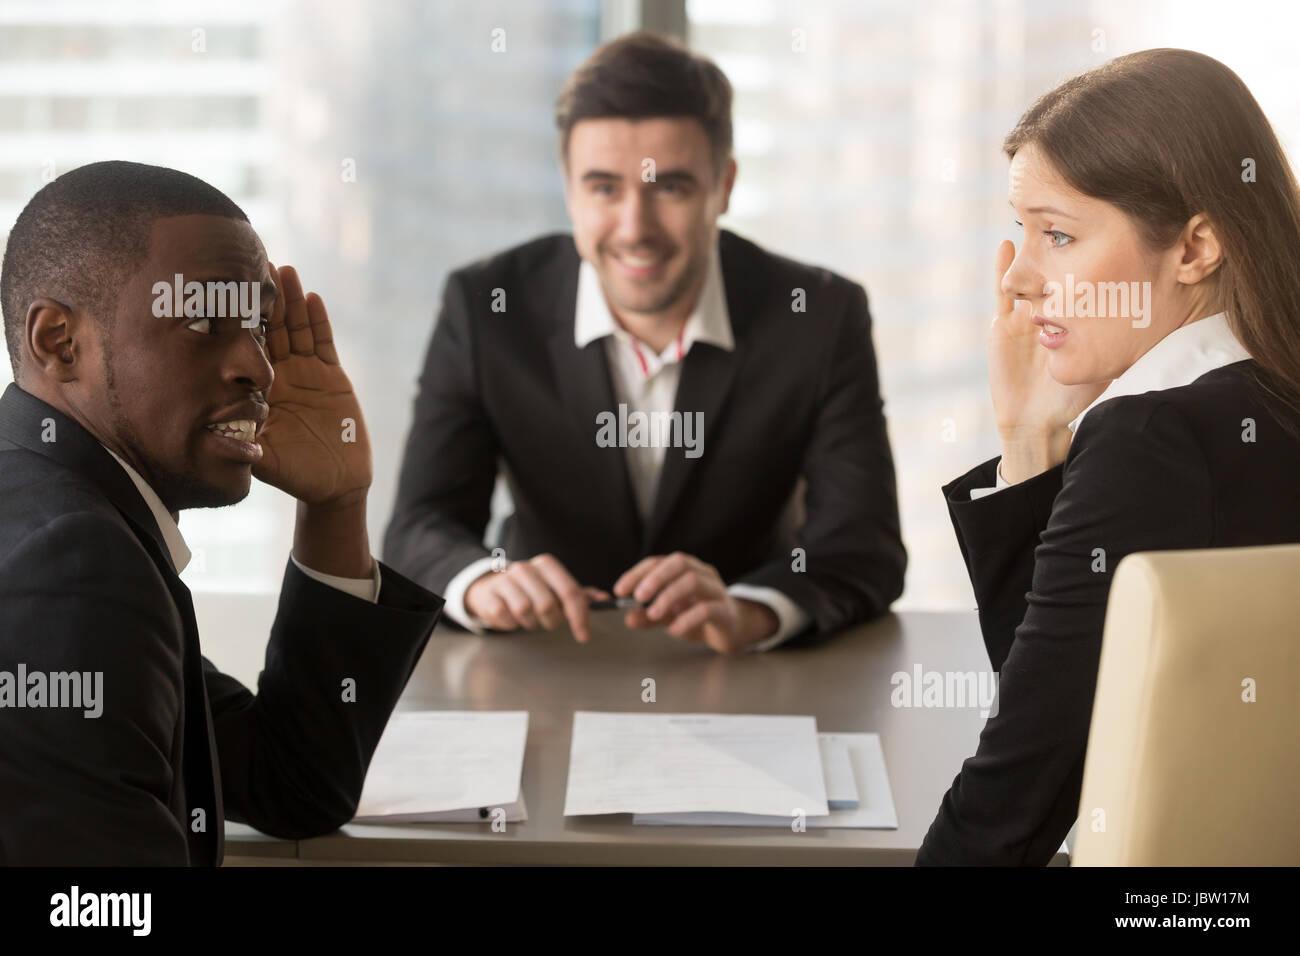 Gemischtrassig verwirrt Arbeitgeber heimlich diskutieren Stellenbewerber, verdeckt Gesicht mit Händen, verwirrten Stockbild